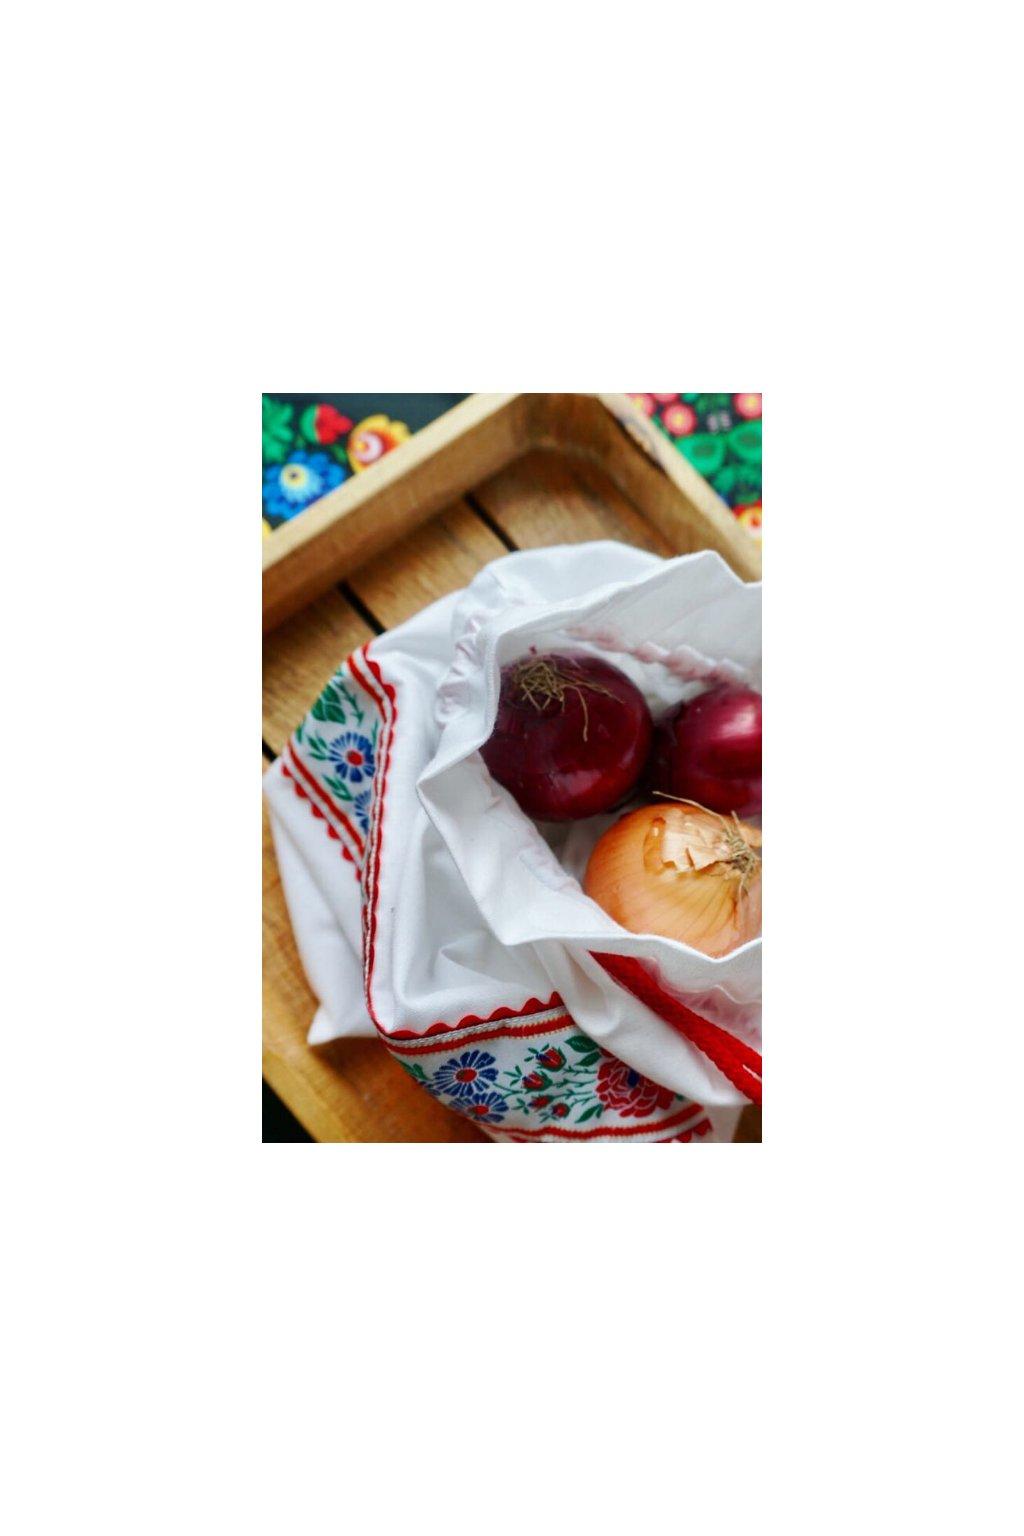 látkové folklórne vrecko na chlieb, pečivo, ovocie a zeleninu Vreckonos